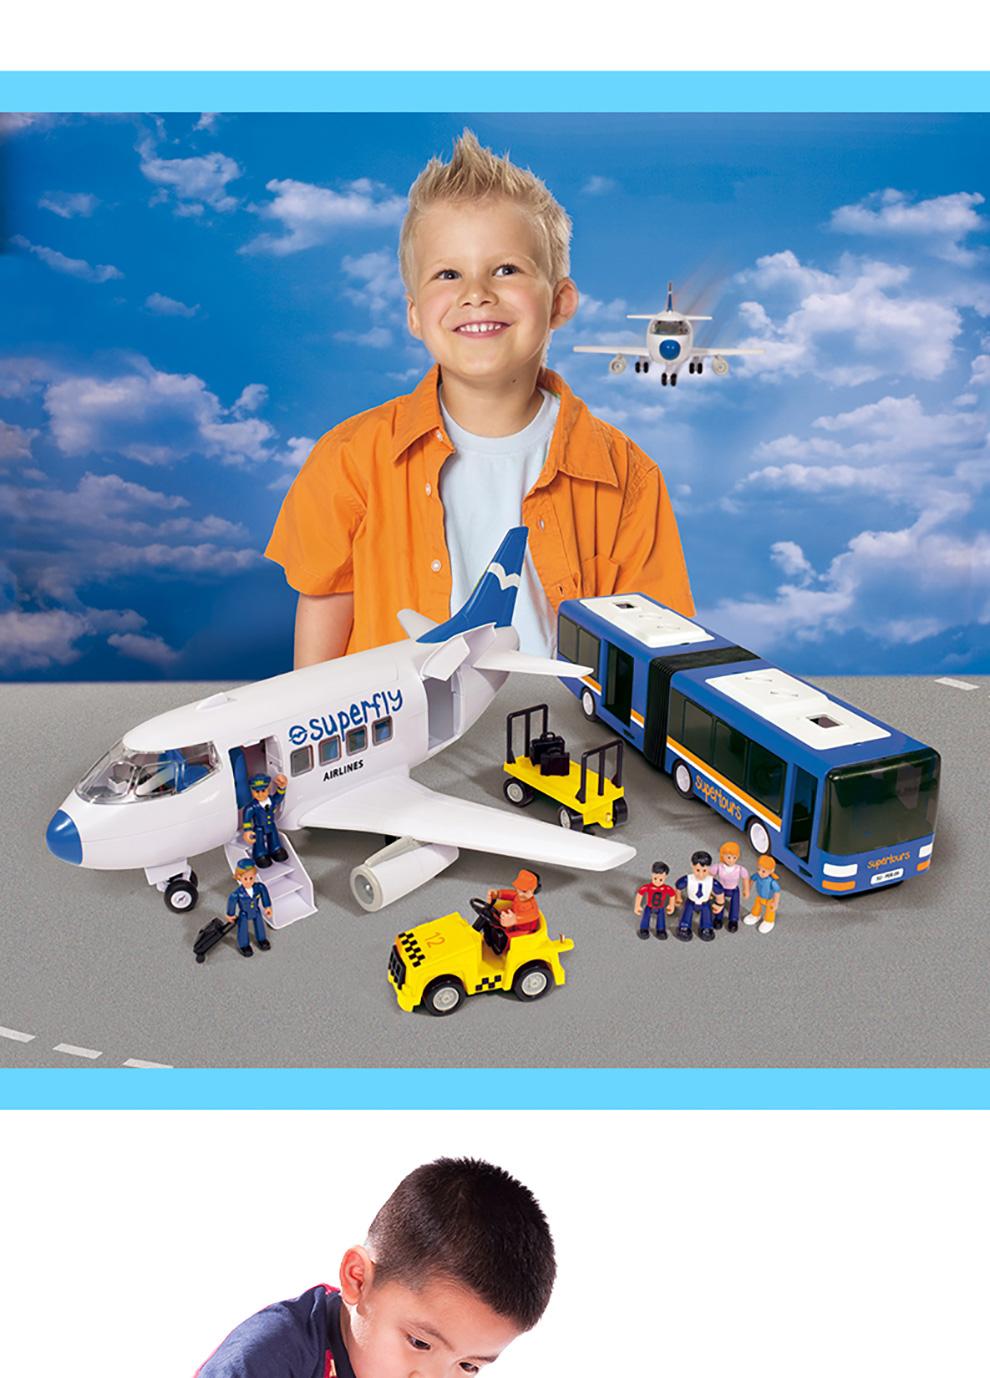 德国仙霸simba 炫玩航空基地飞机公交巴士组合套装 玩具飞机加汽车